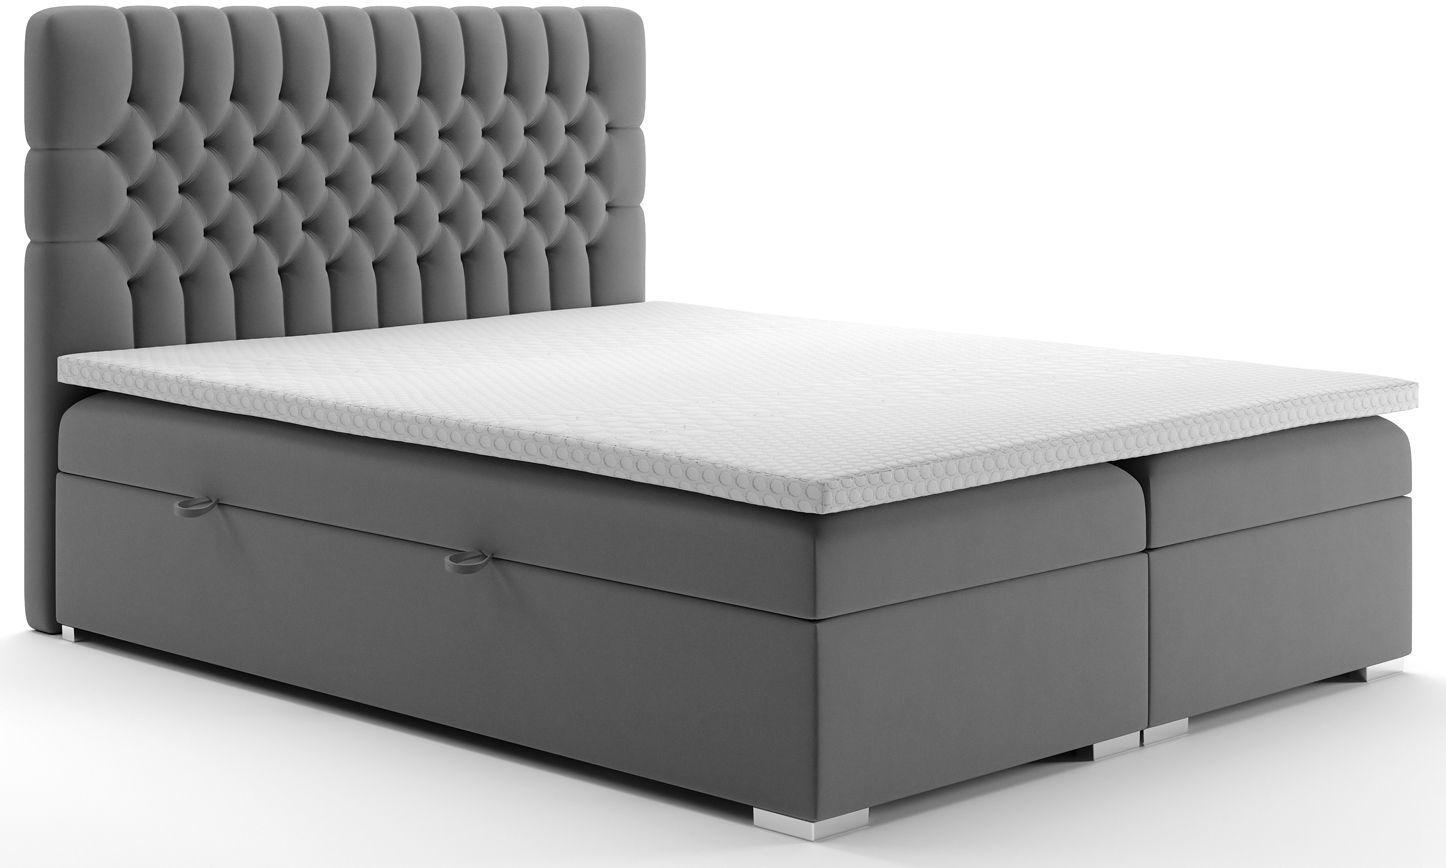 Podwójne łóżko kontynentalne Stilla 180x200 - 58 kolorów